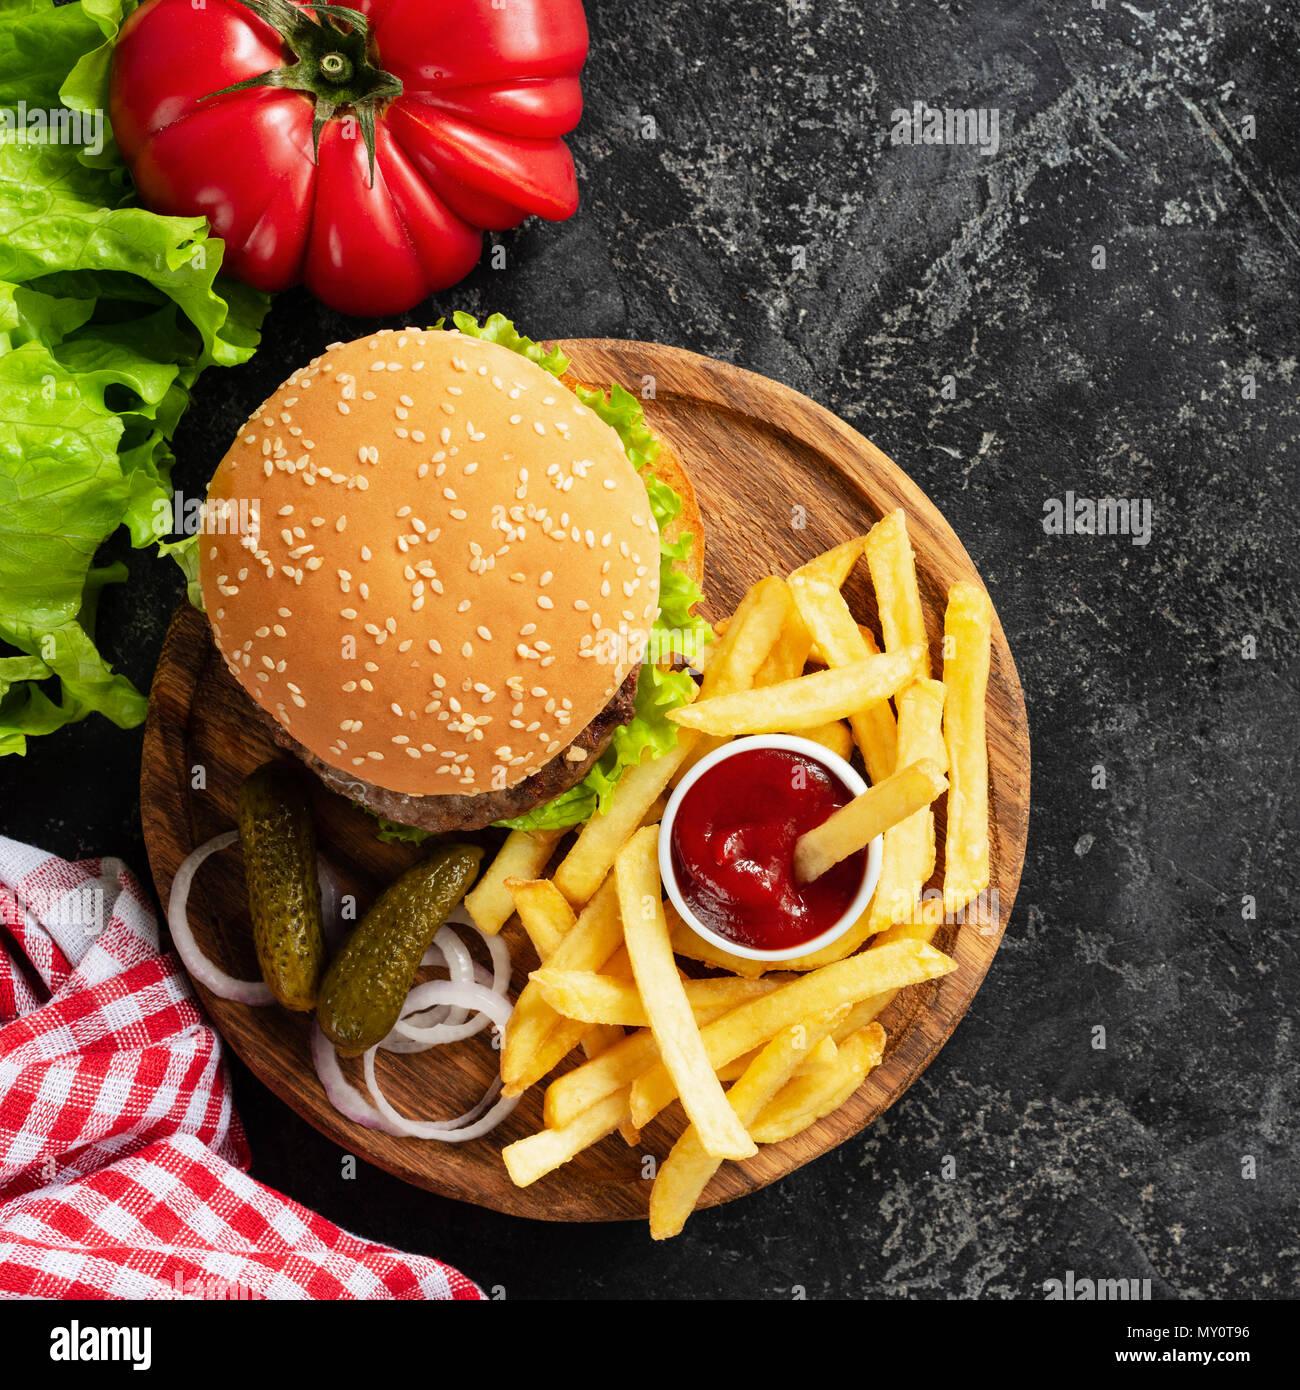 Hamburger, Pommes, Gurken und Ketchup auf Holzbrett. Fast food. Hausgemachten Burger aus Kartoffeln und Pommes Frites. Ansicht von oben mit Platz für Text kopieren Stockbild